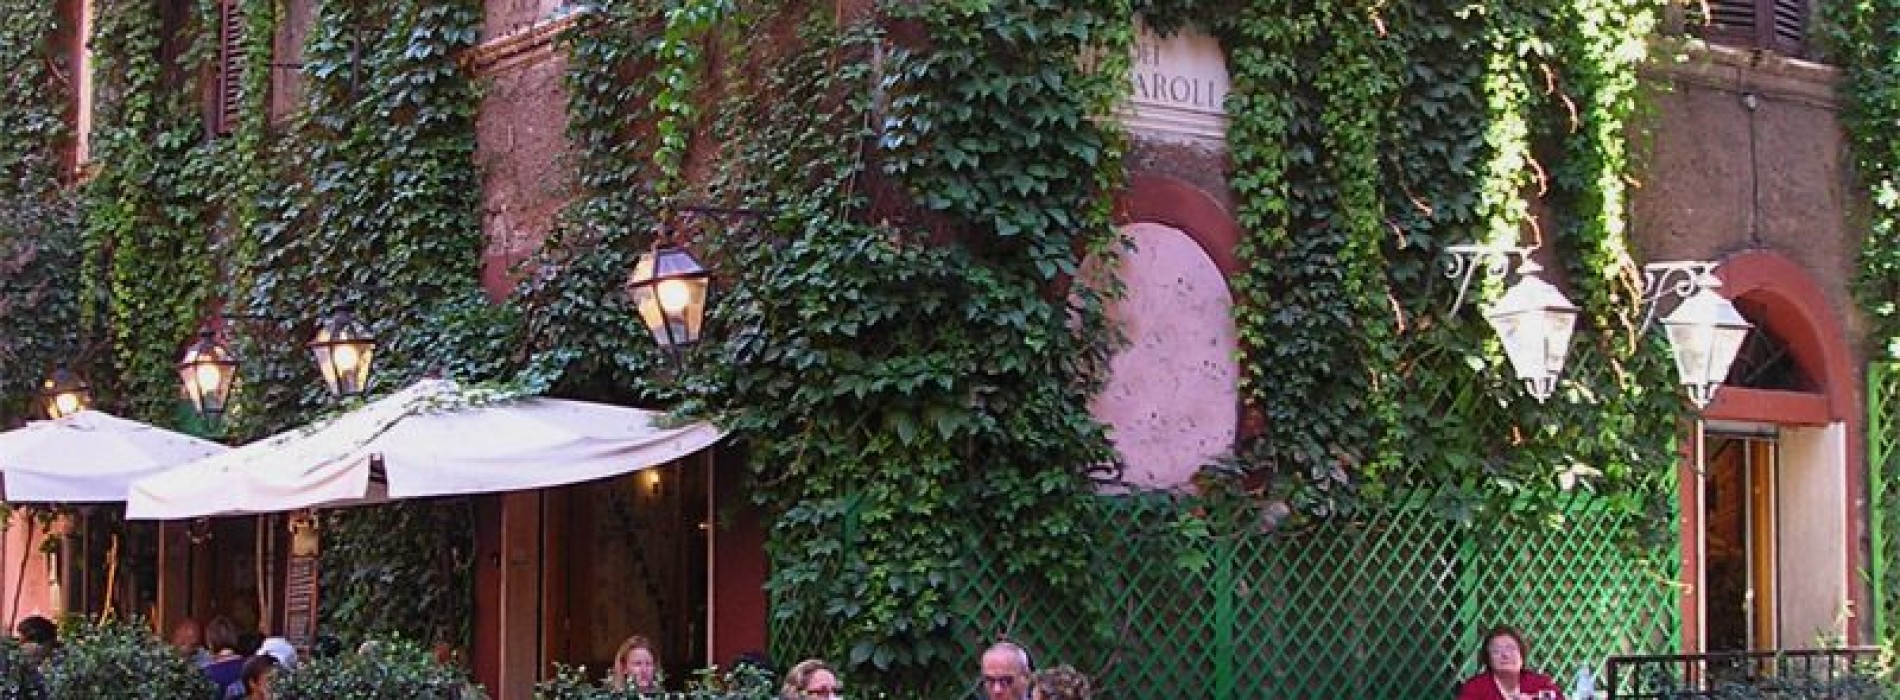 Chiude Ombre Rosse a Roma: questa sera un brindisi per lo storico locale di Trastevere